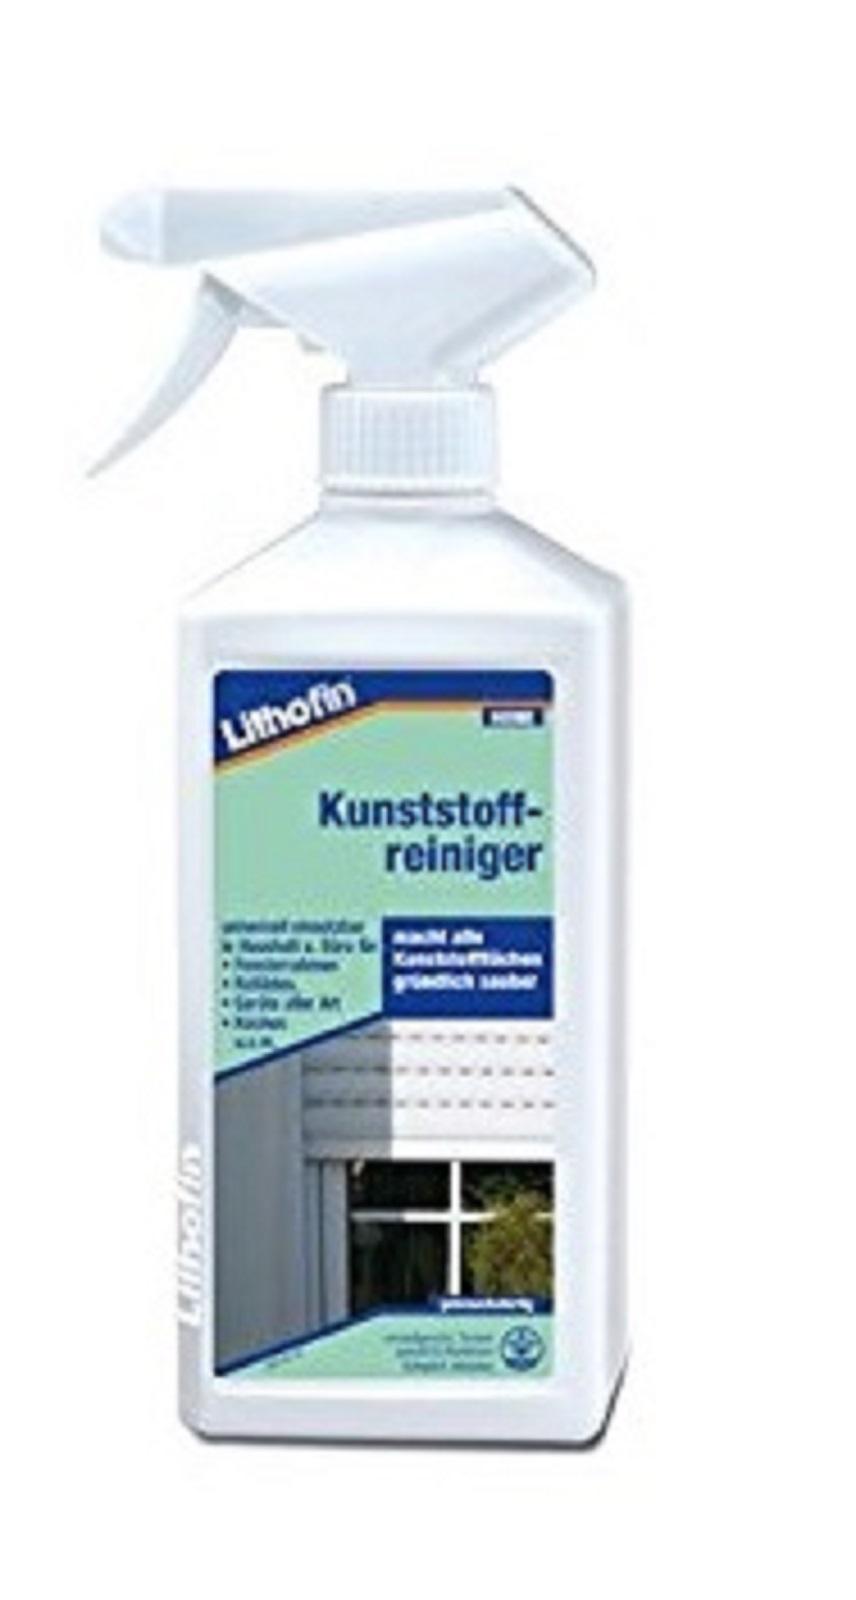 Lithofin Kunststoffreiniger 500 ml